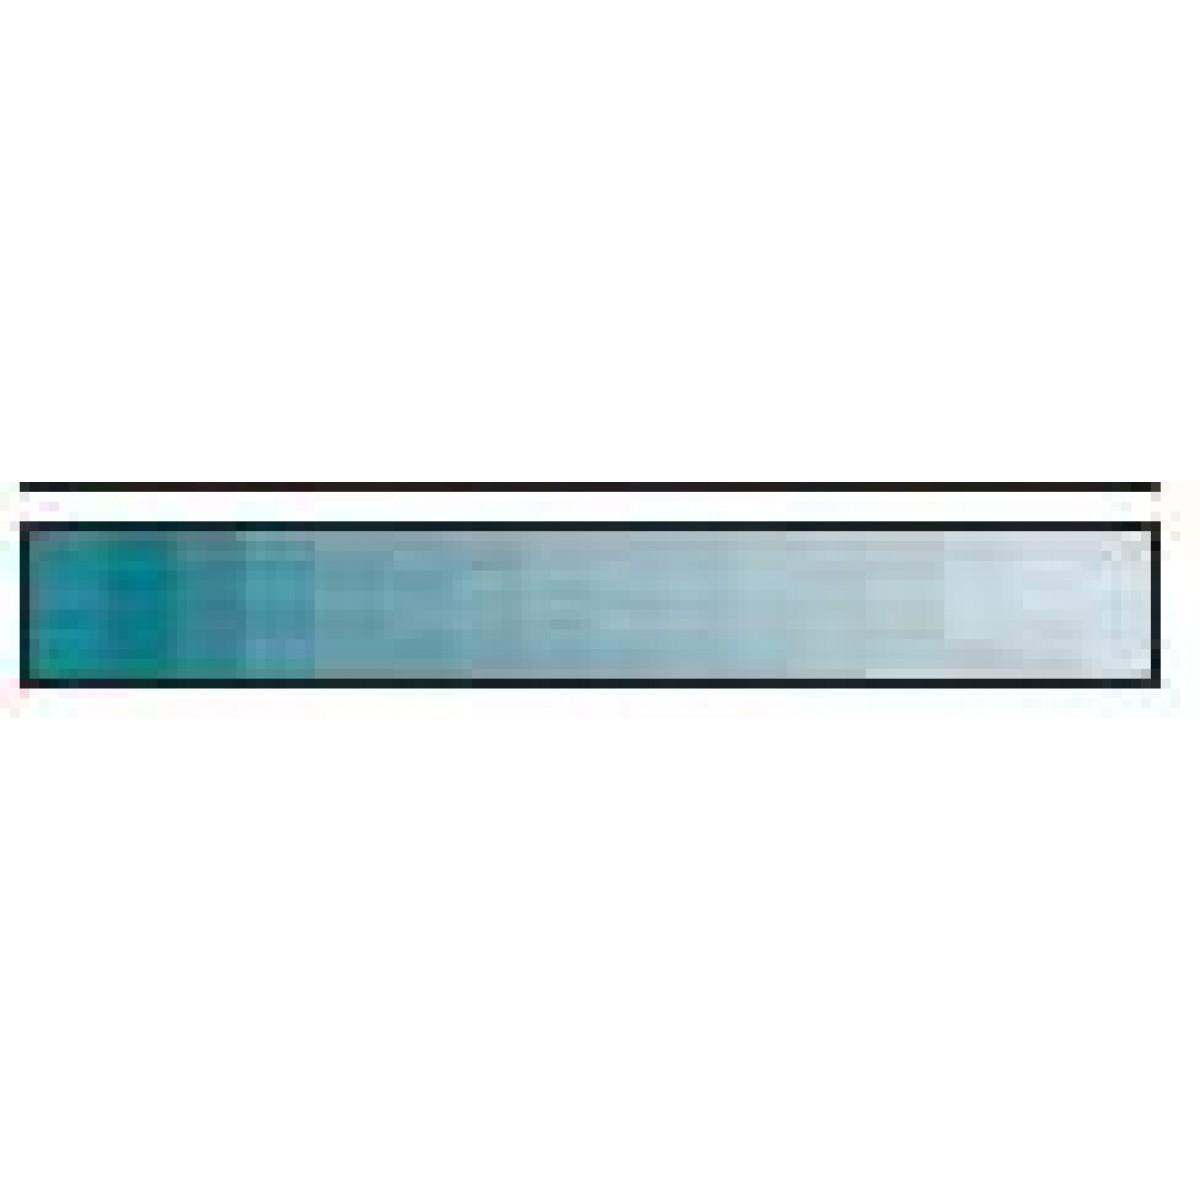 8579 Kunstnerkvalitet soft pastel Cobalt green